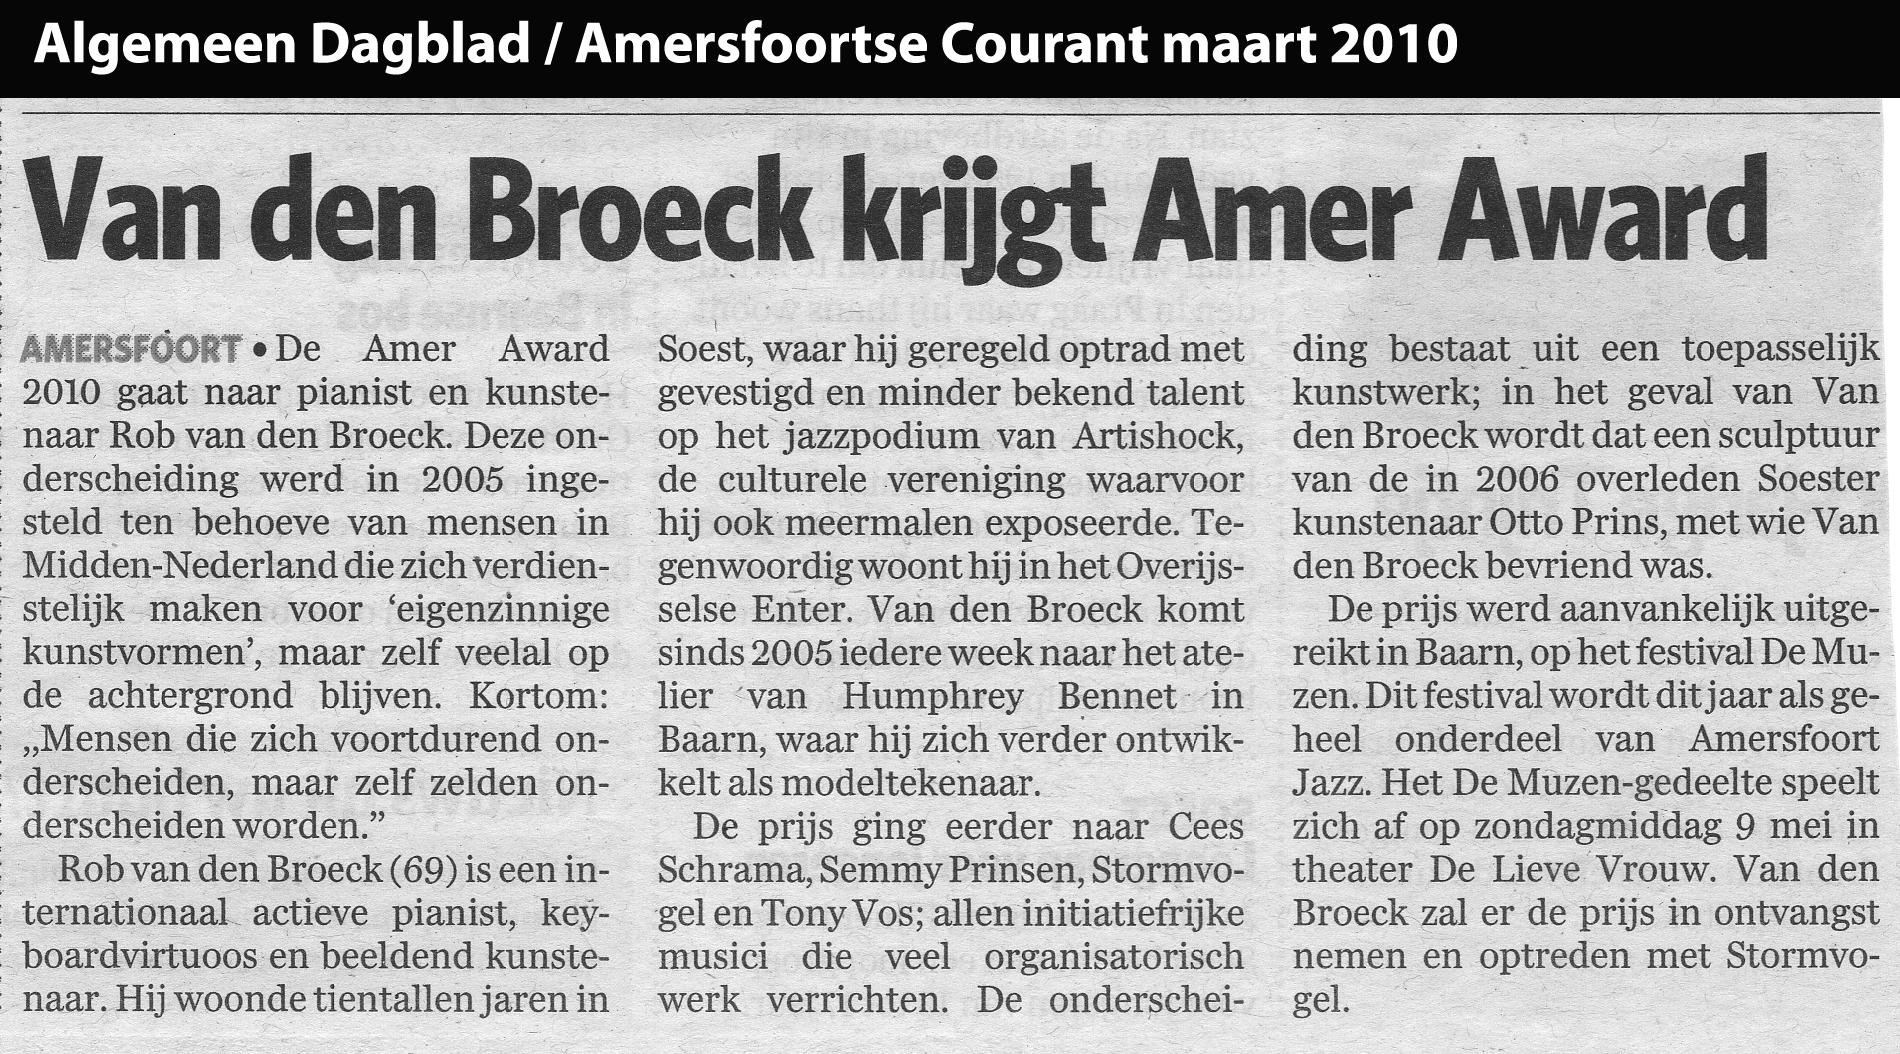 Amer Award 2010 artikel AD/AC